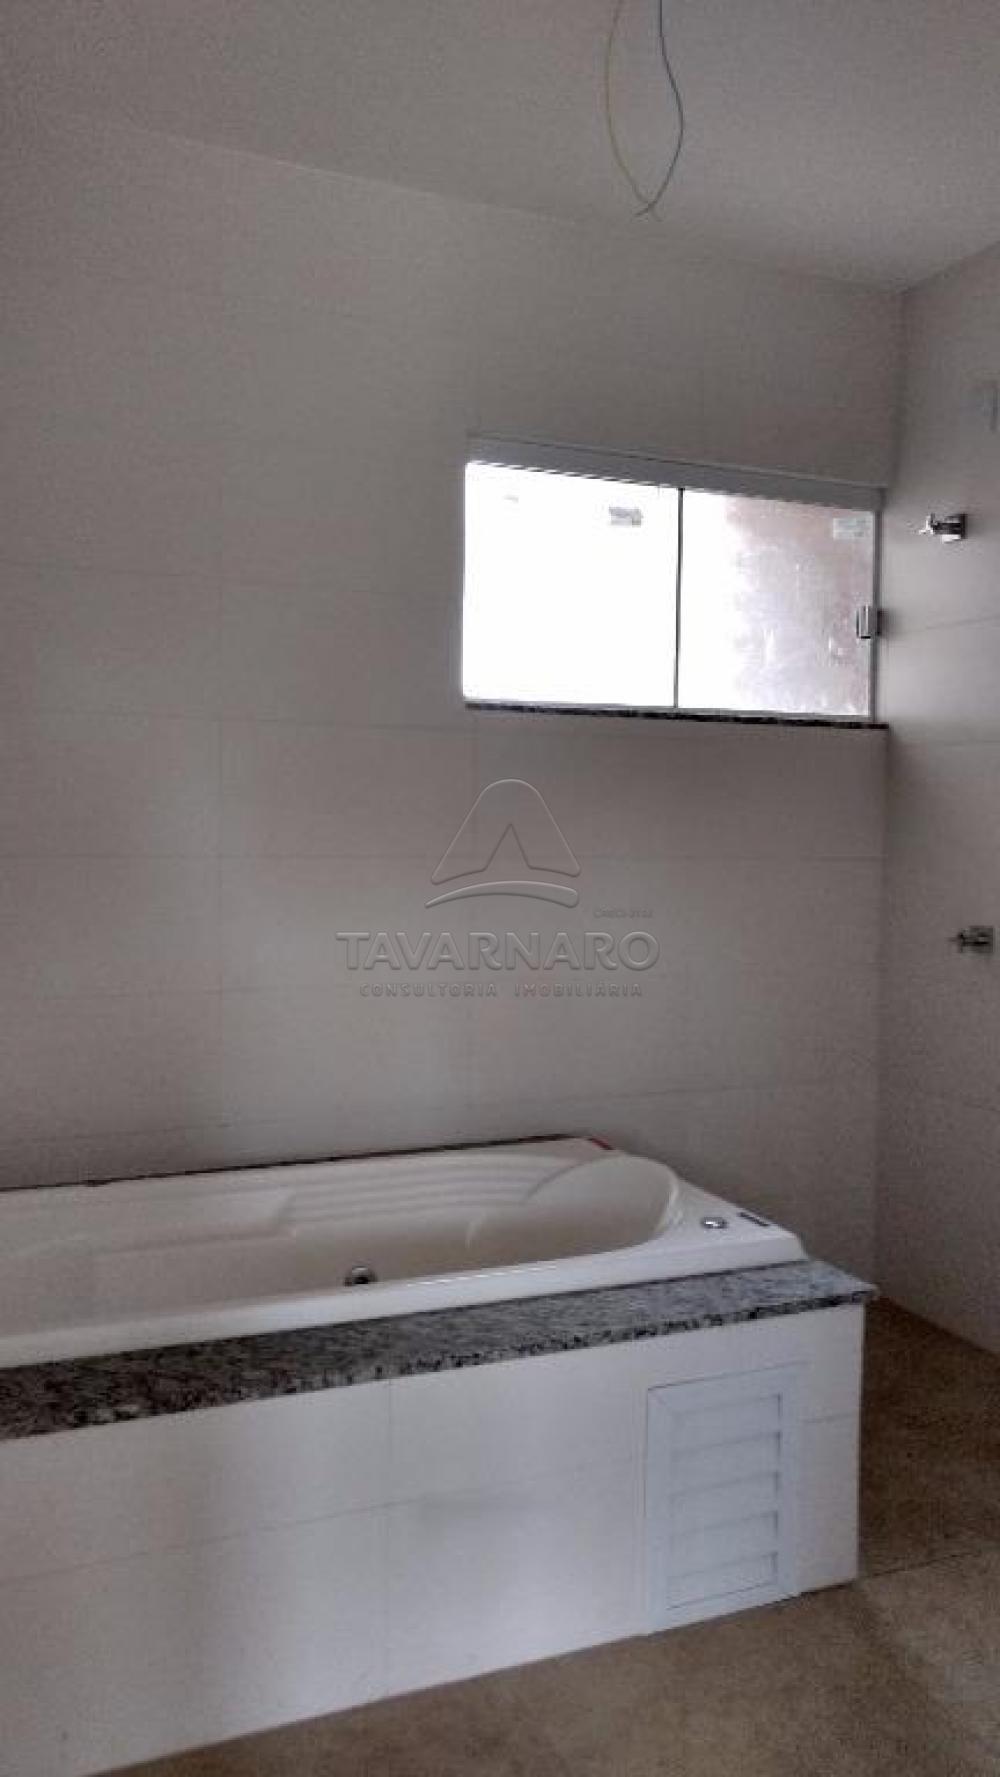 Comprar Casa / Sobrado em Ponta Grossa apenas R$ 700.000,00 - Foto 18